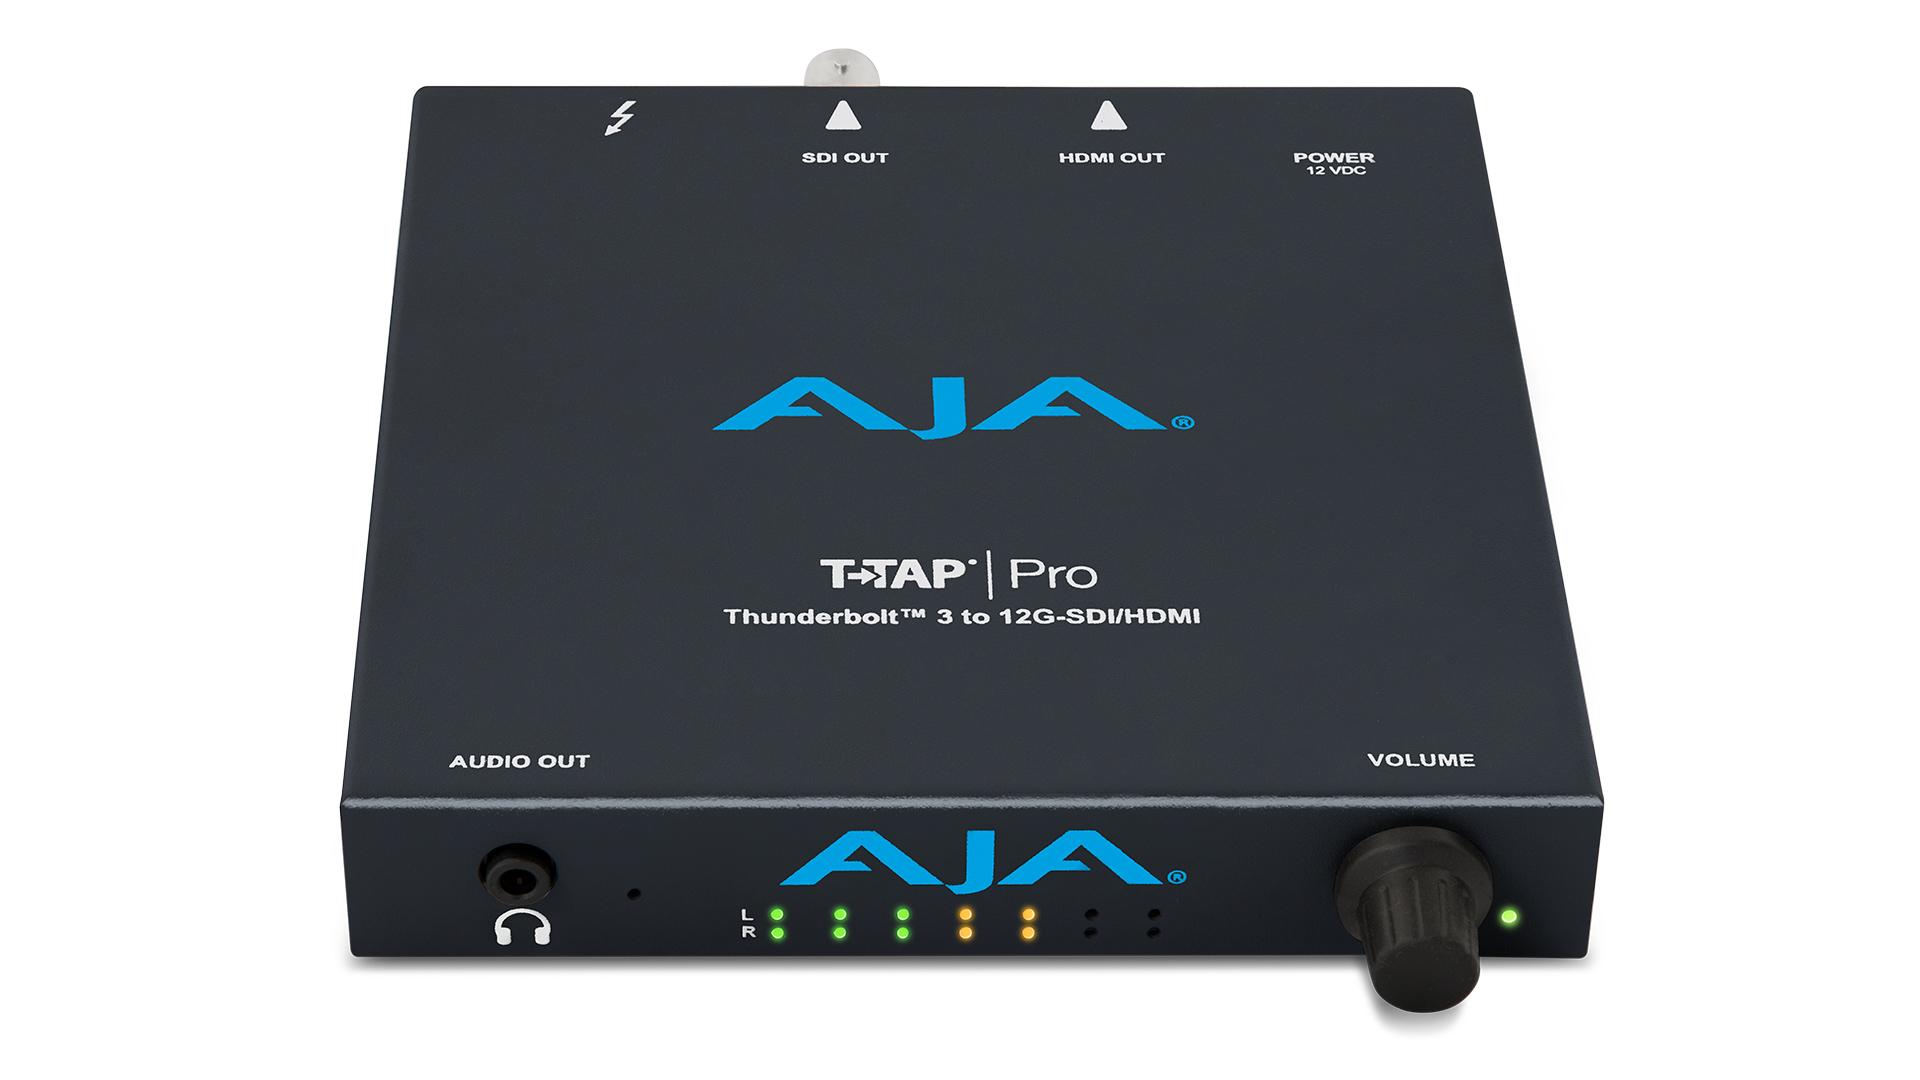 The AJA T-TAP Pro. Image: AJA.